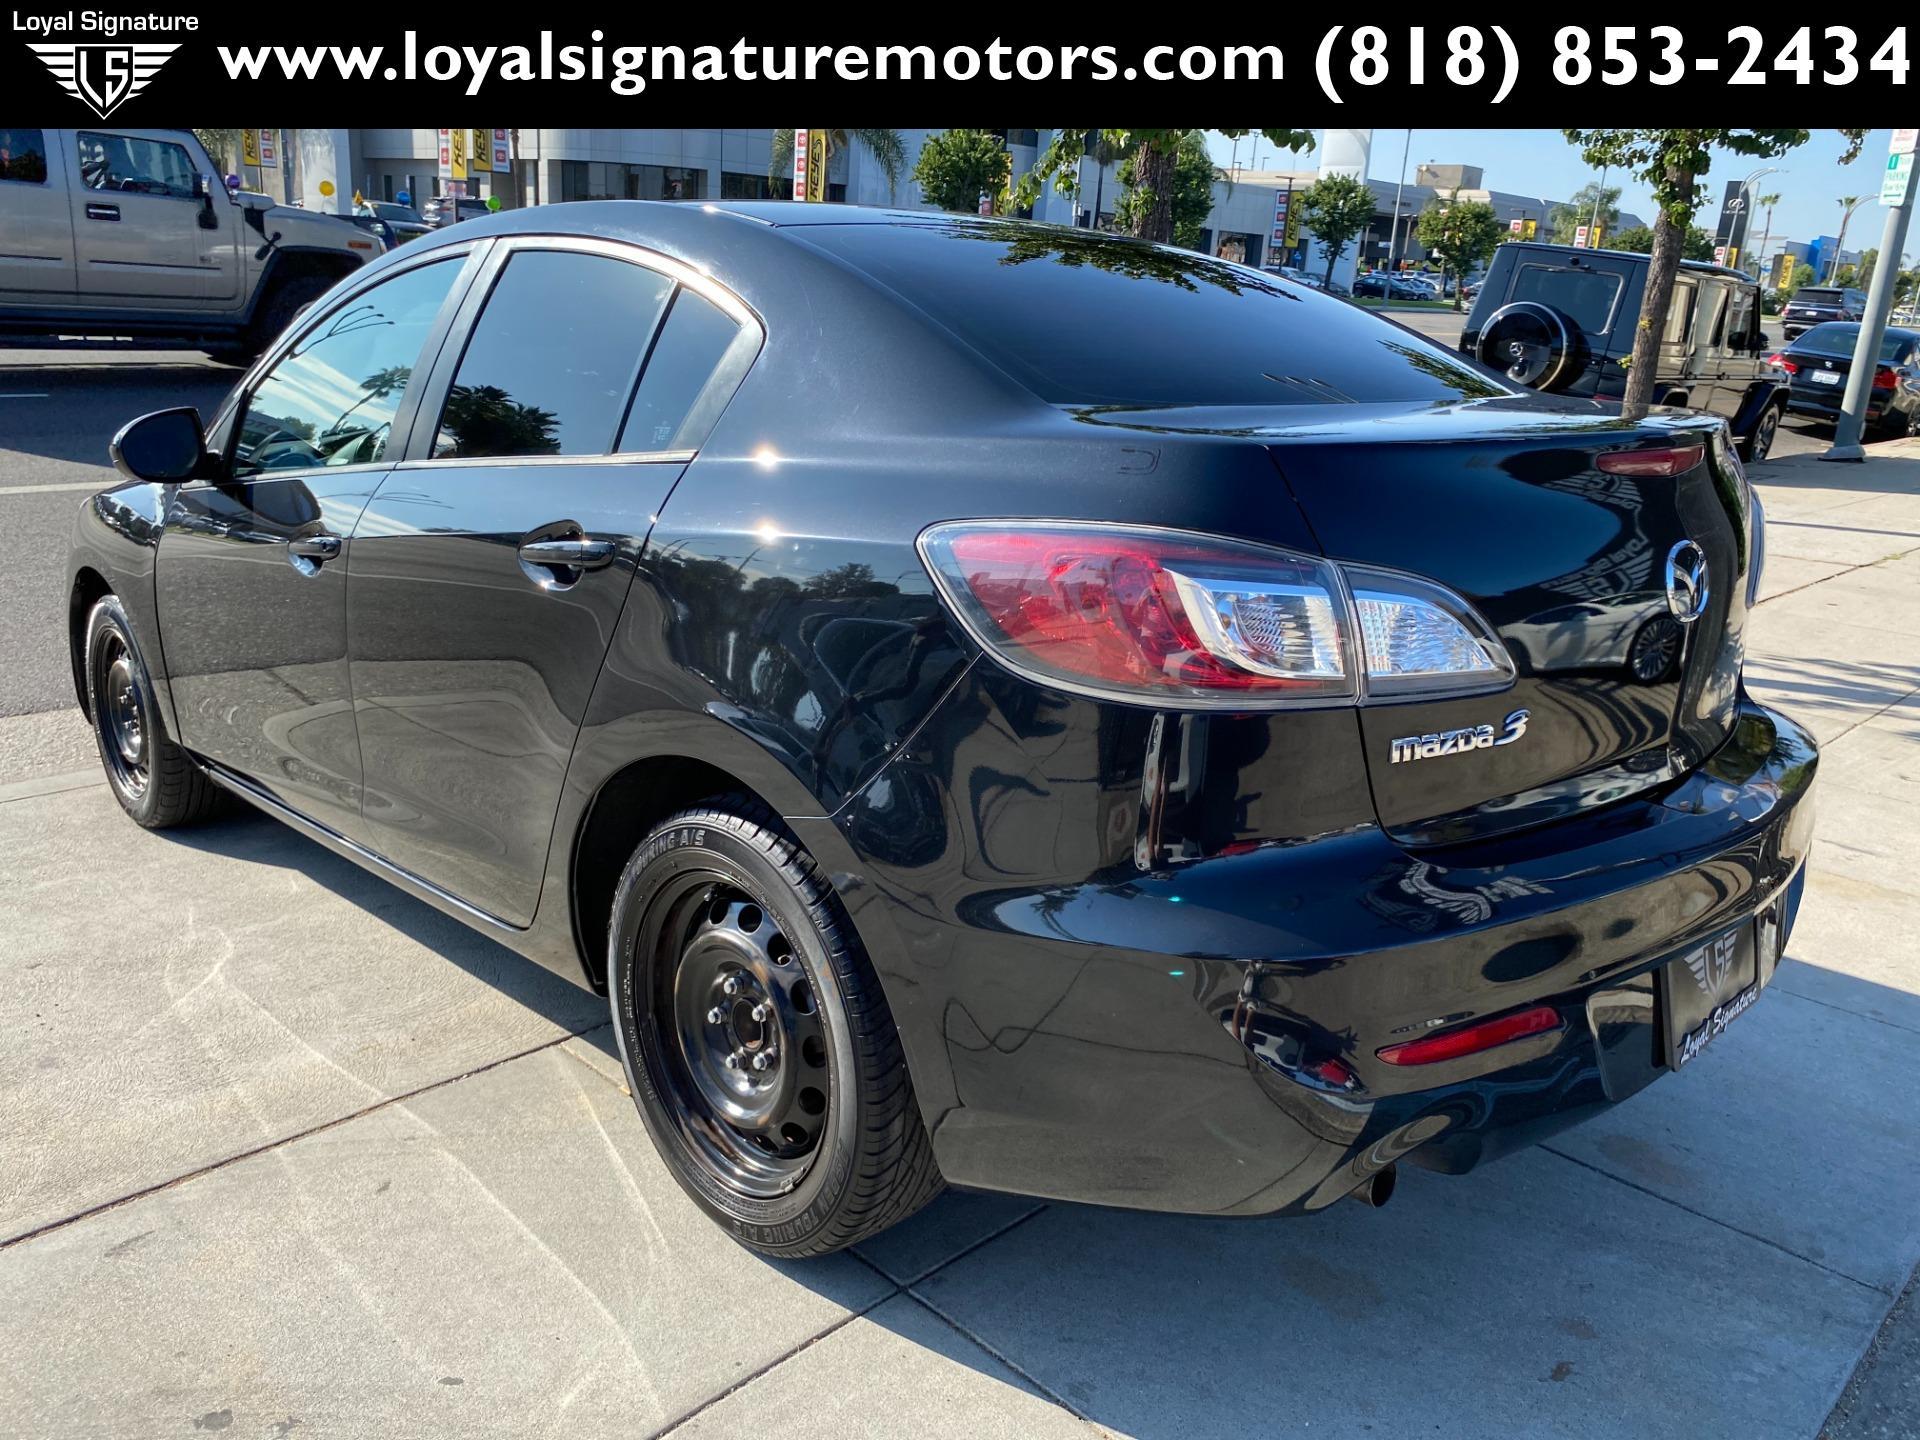 Used-2013-Mazda-Mazda3-i-SV